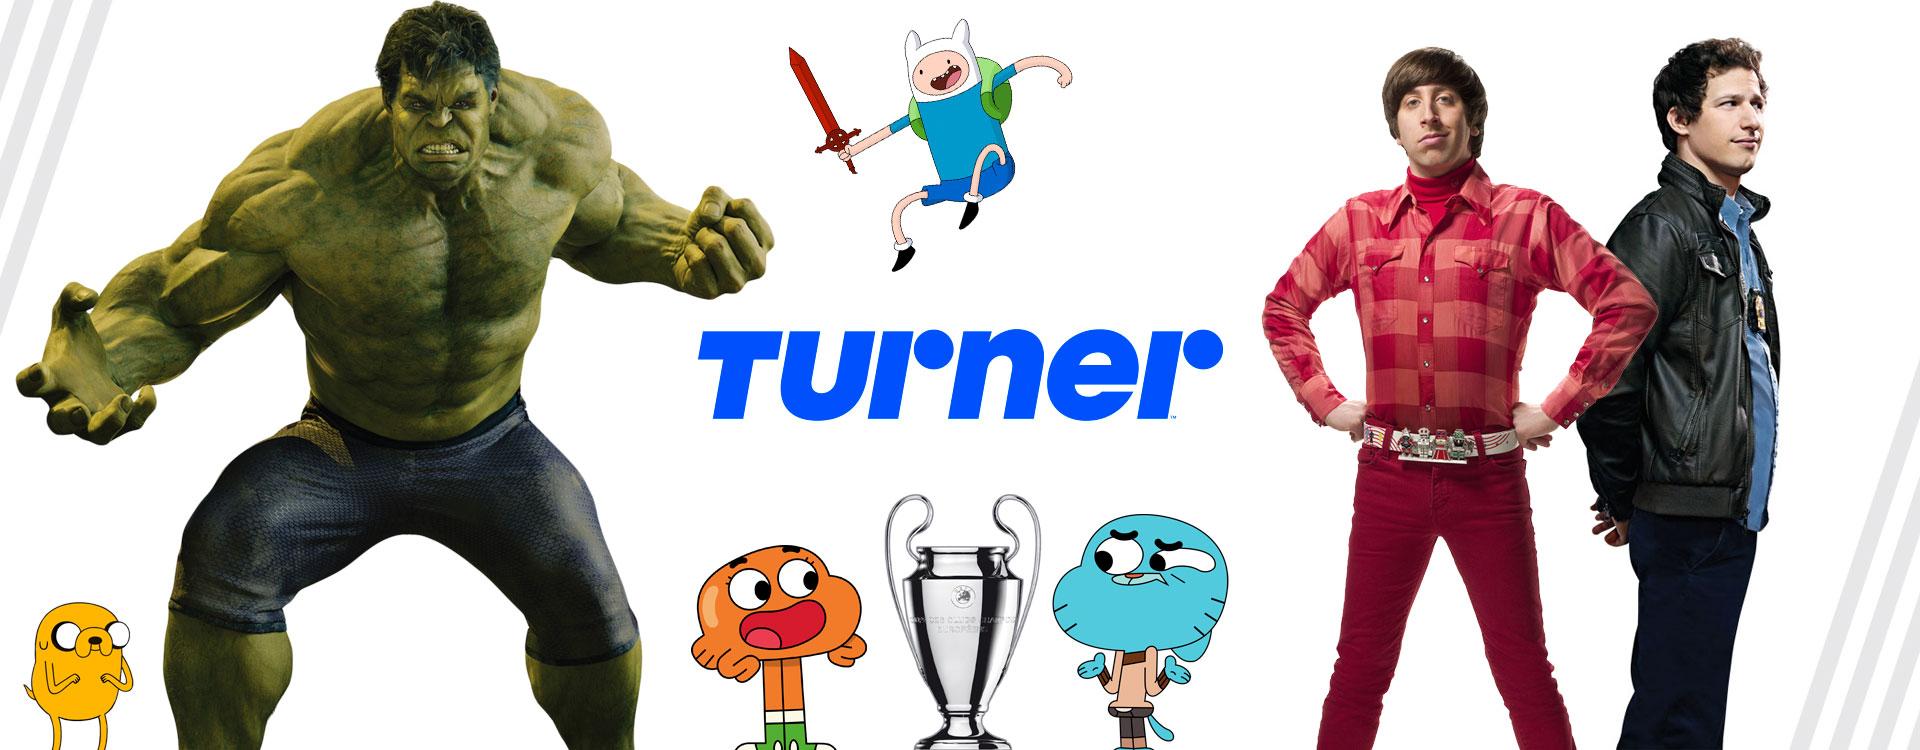 Turner Brasil